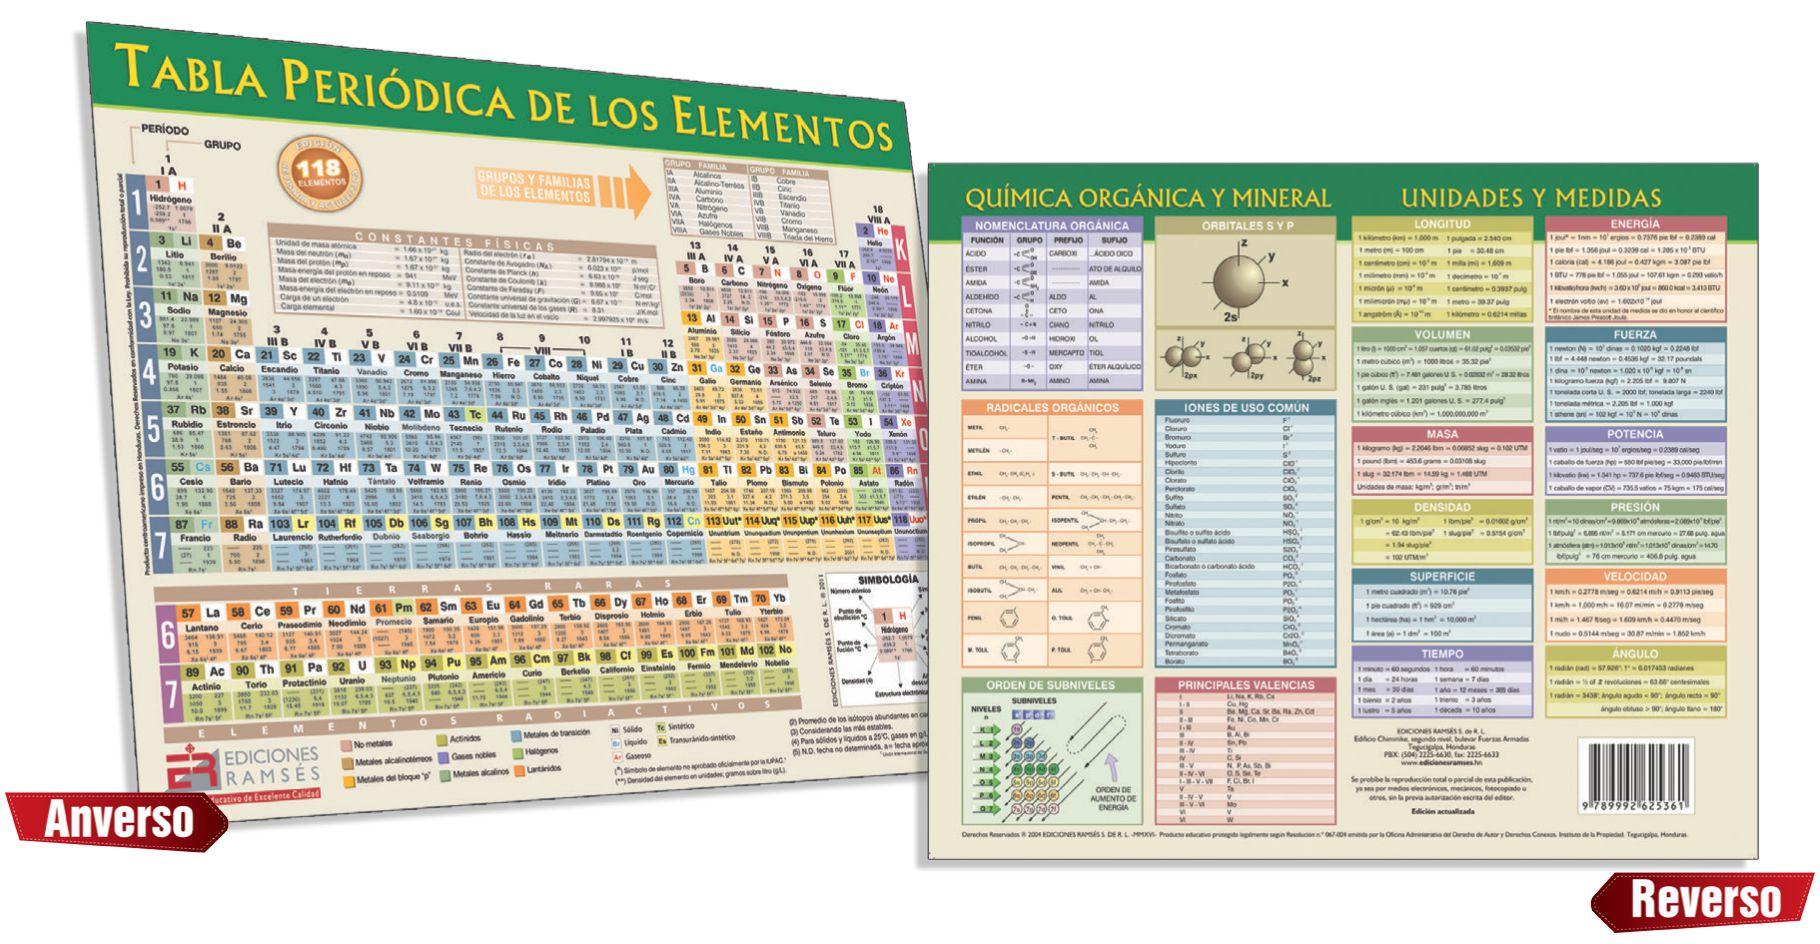 tabla peridica de los elementos pequea nueva edicin